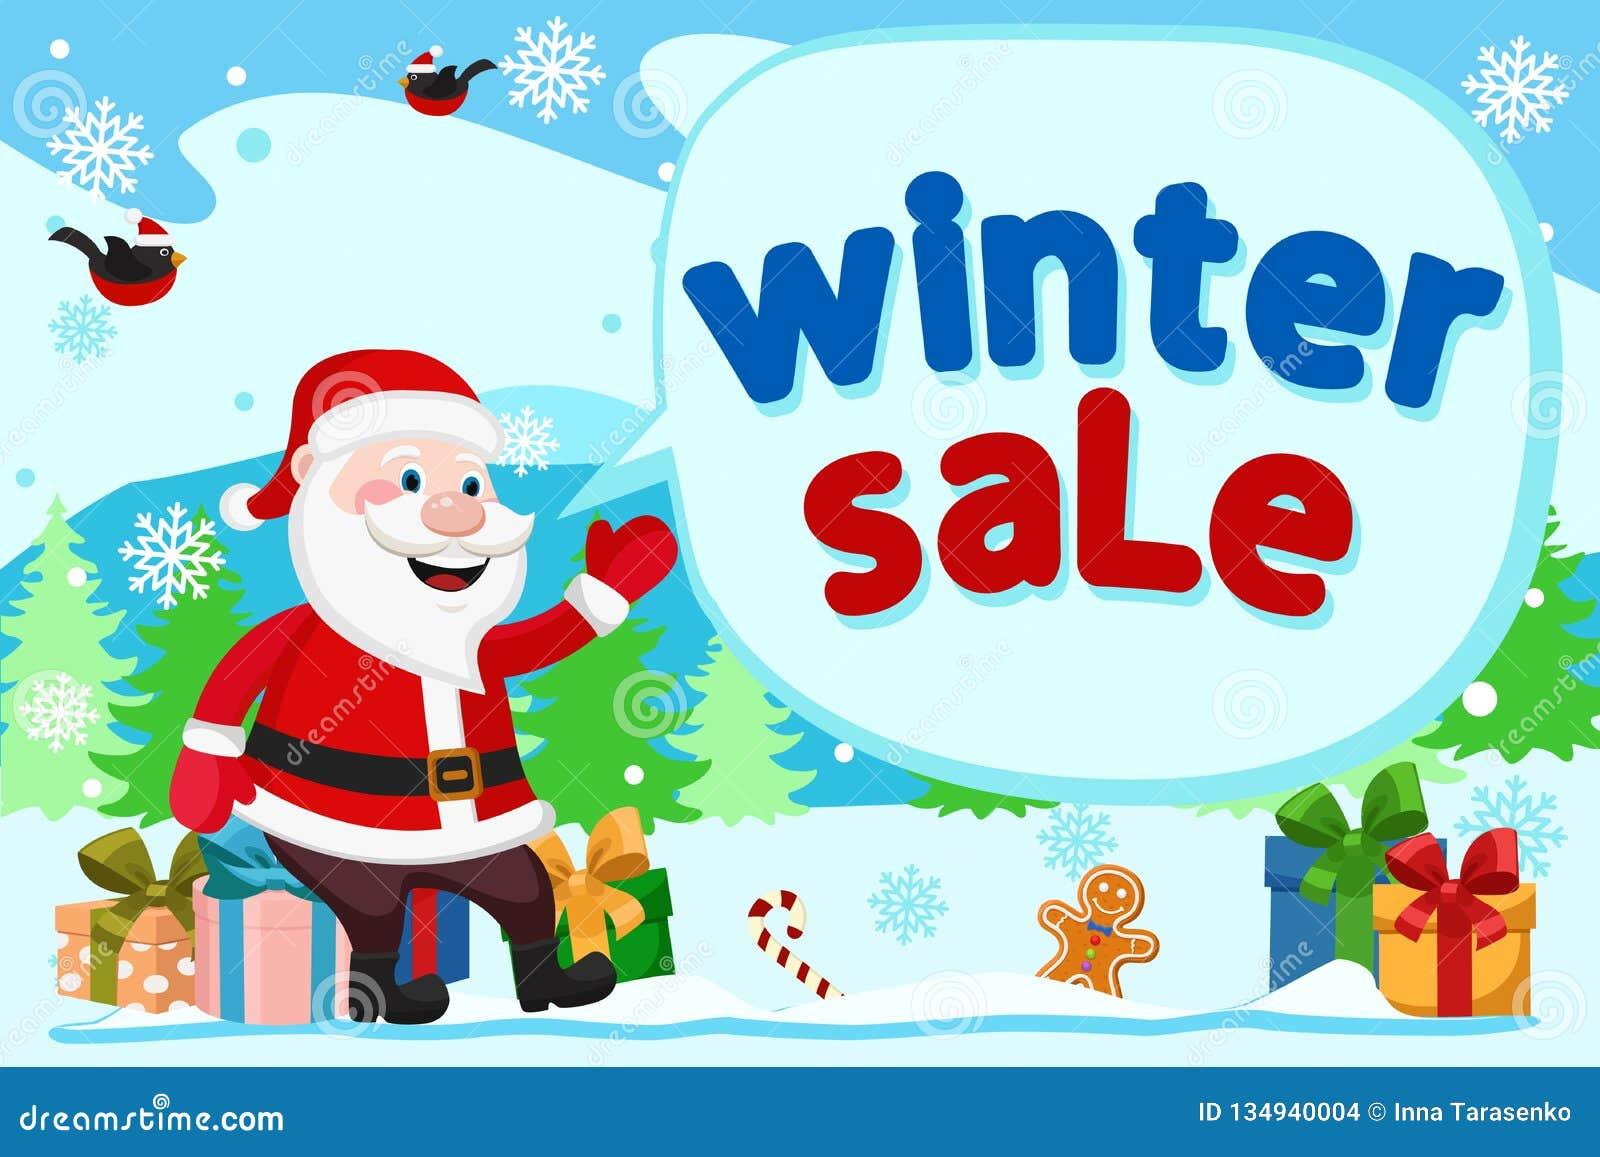 Άγιος Βασίλης κάθεται στα κιβώτια δώρων και παρουσιάζει χέρι του στην επιγραφή Χειμερινές πωλήσεις